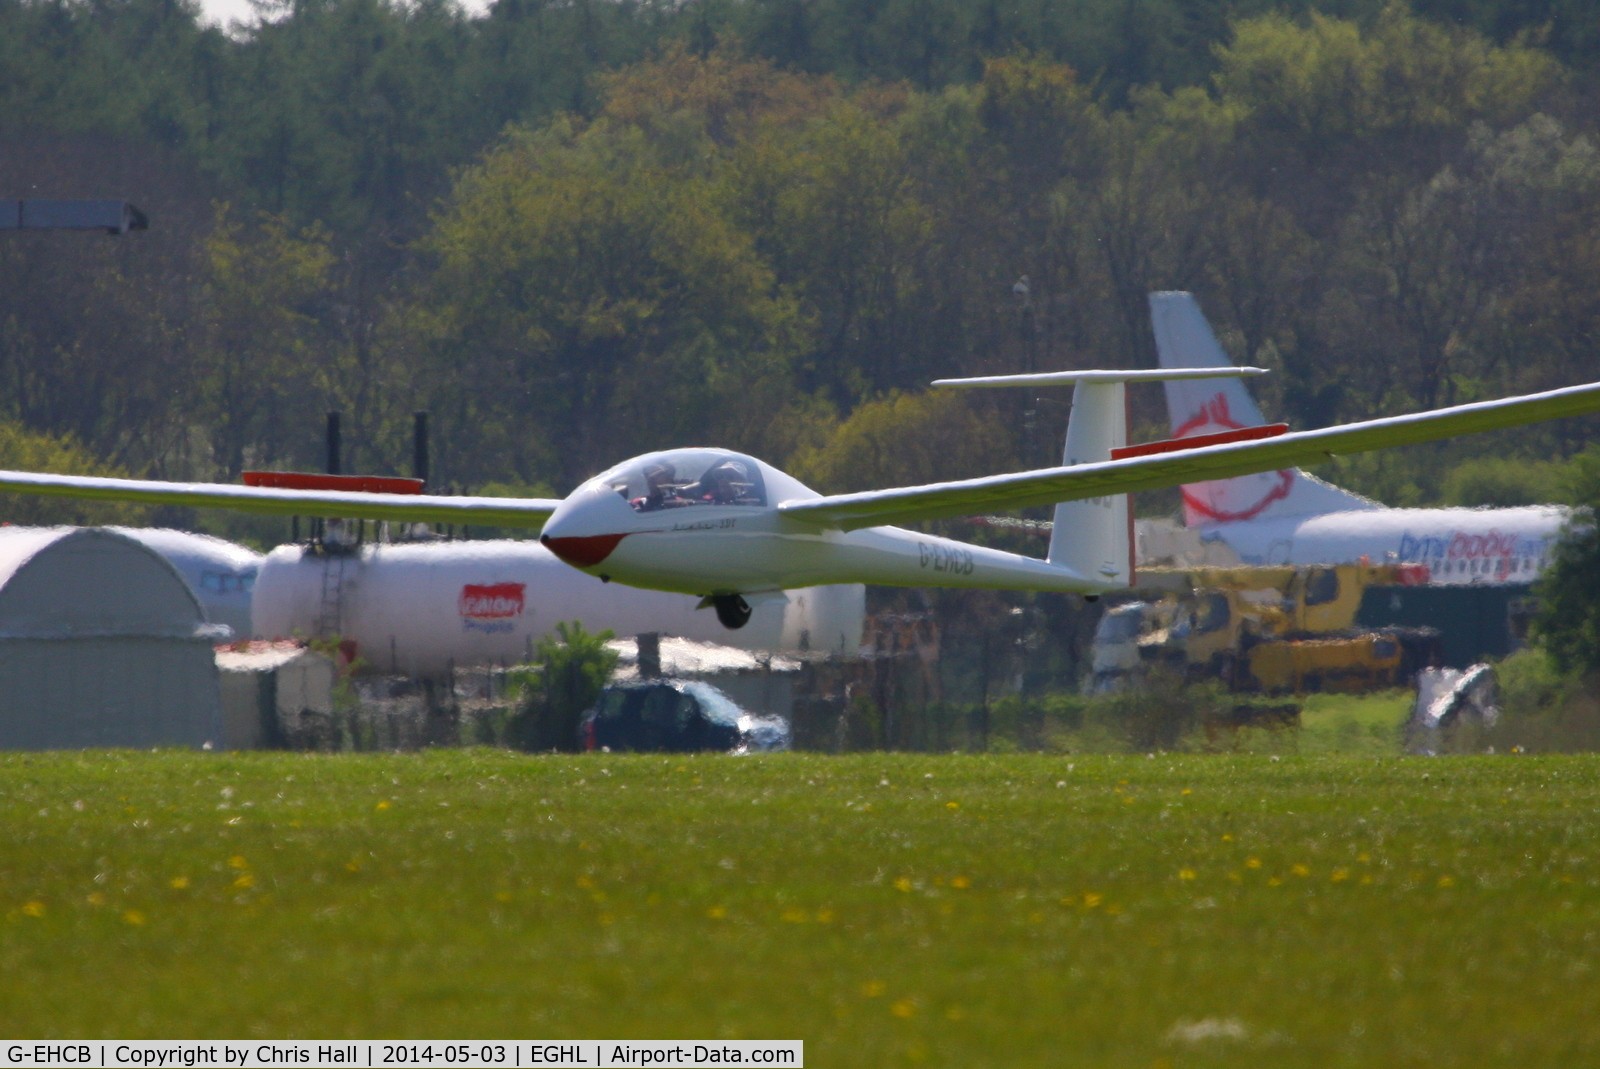 G-EHCB, 1991 Schempp-Hirth NIMBUS 3DT C/N 47, at Lasham airfield